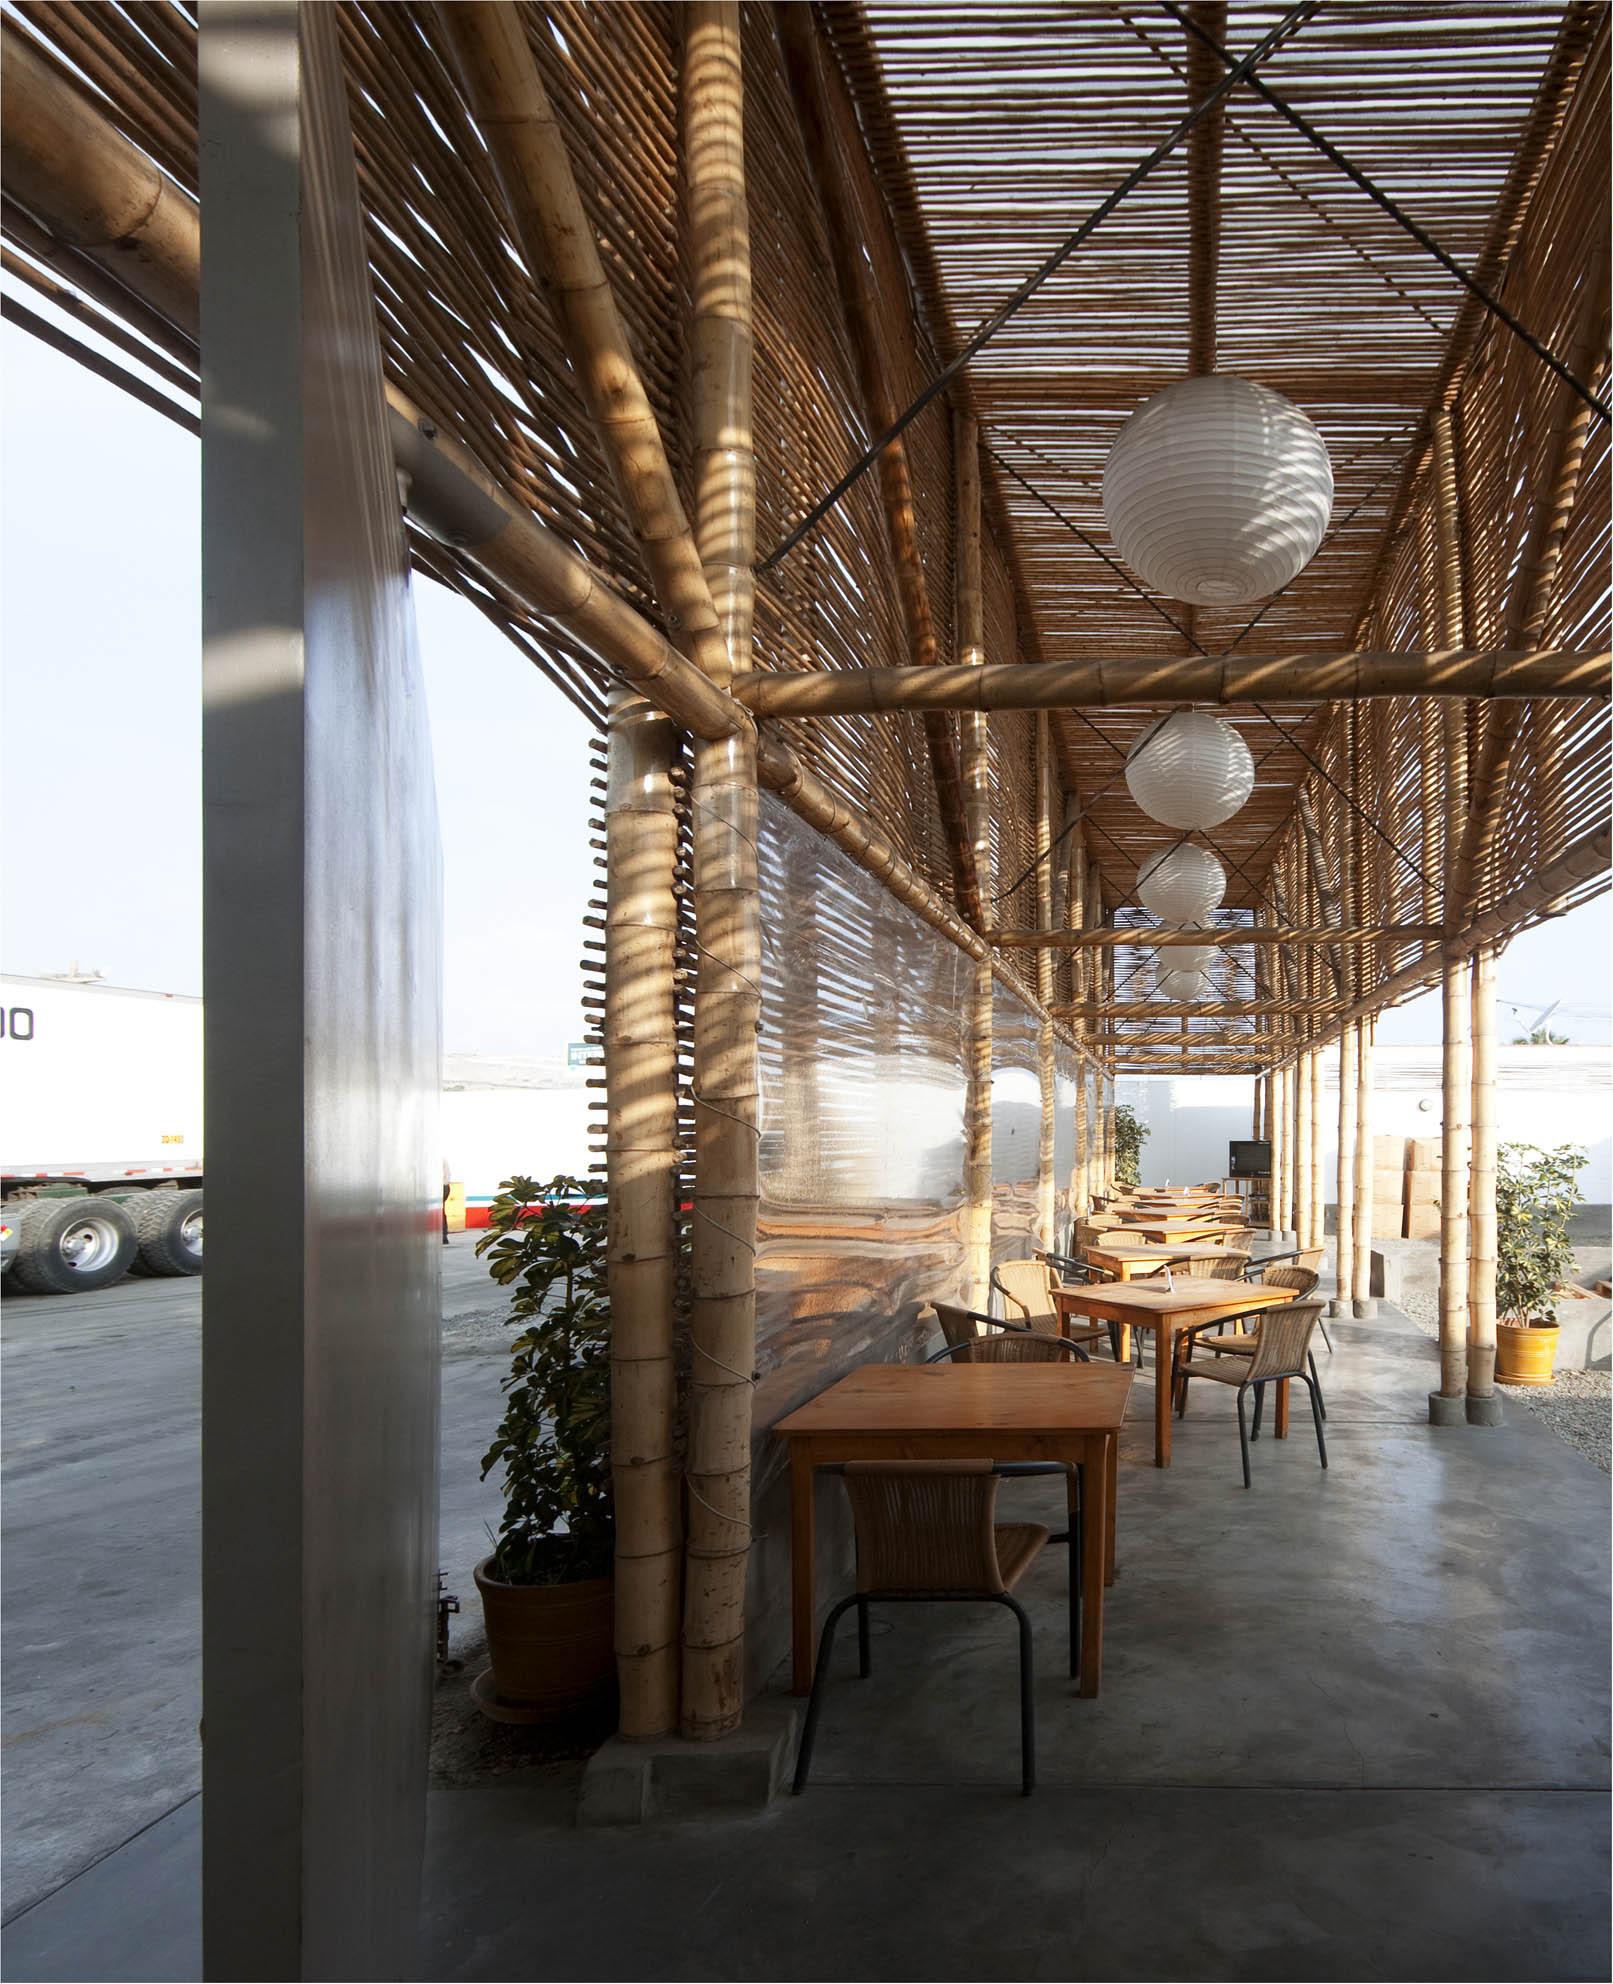 El Camion Restaurant / LLONA + ZAMORA Arquitectos + Fernando Mosquera, © Michelle Llona R